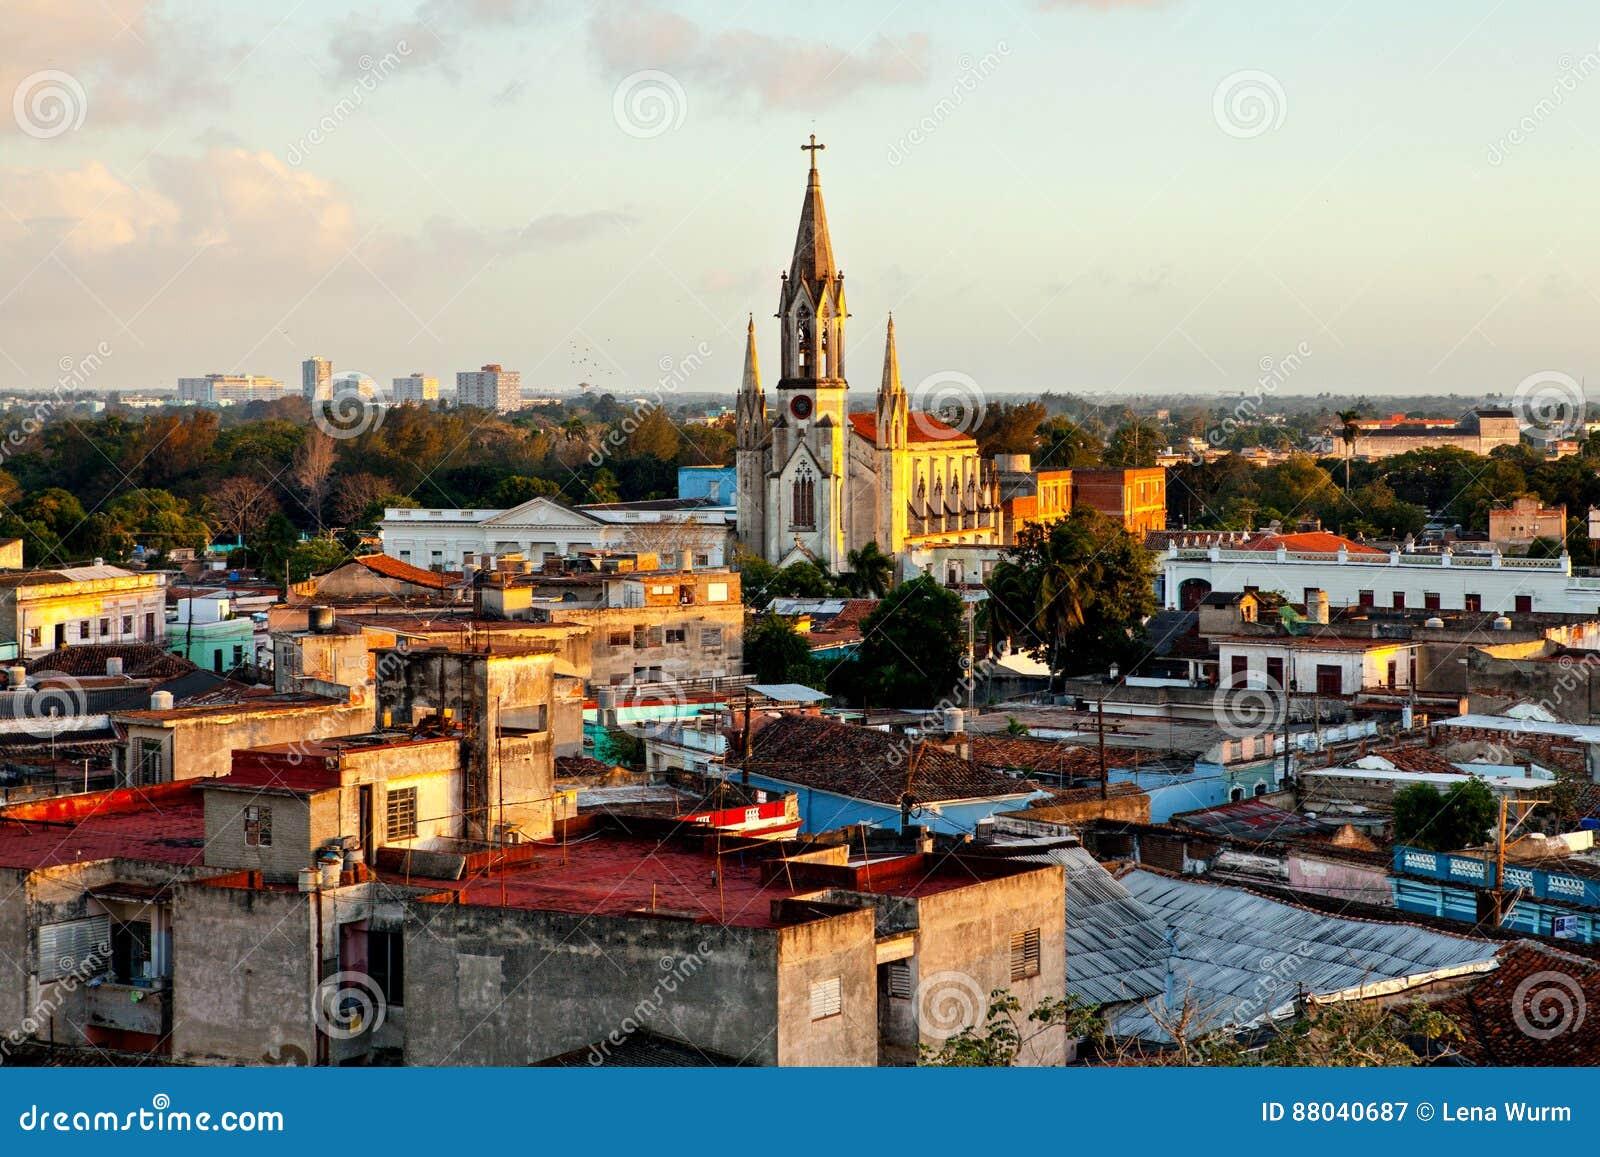 Centro do patrimônio mundial do UNESCO de Camaguey de cima de Ideia dos telhados e do coração sagrado de Jesus Cathedral